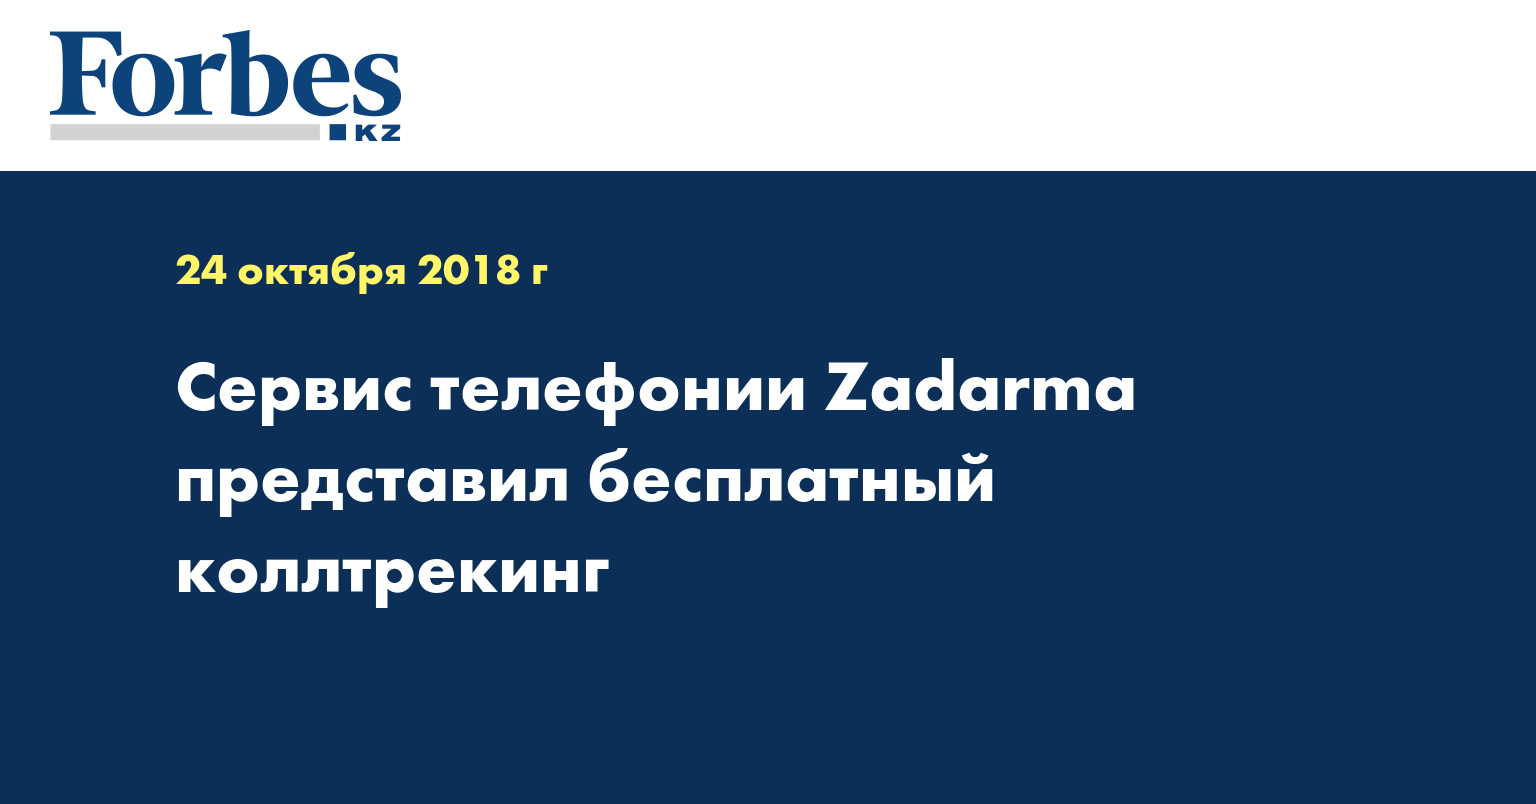 Сервис телефонии Zadarma представил бесплатный коллтрекинг